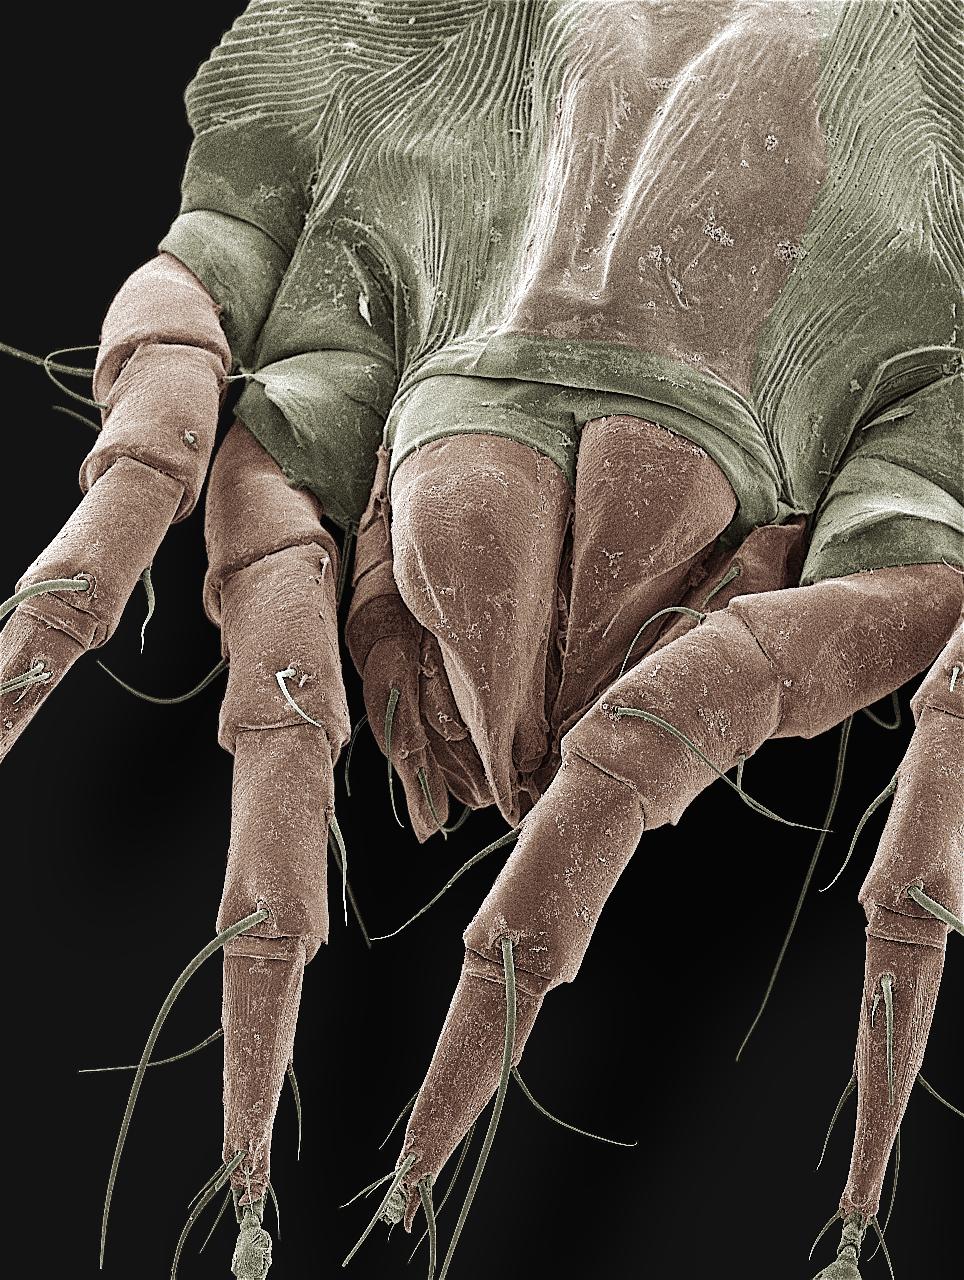 A microscopia eletrônica de varredura close up (X550 ampliação) de um ácaro da poeira doméstica americana, mostrando quatro de suas oito pernas, bem como as peças bucais. Crédito da imagem: Ellen Foot Perkowski